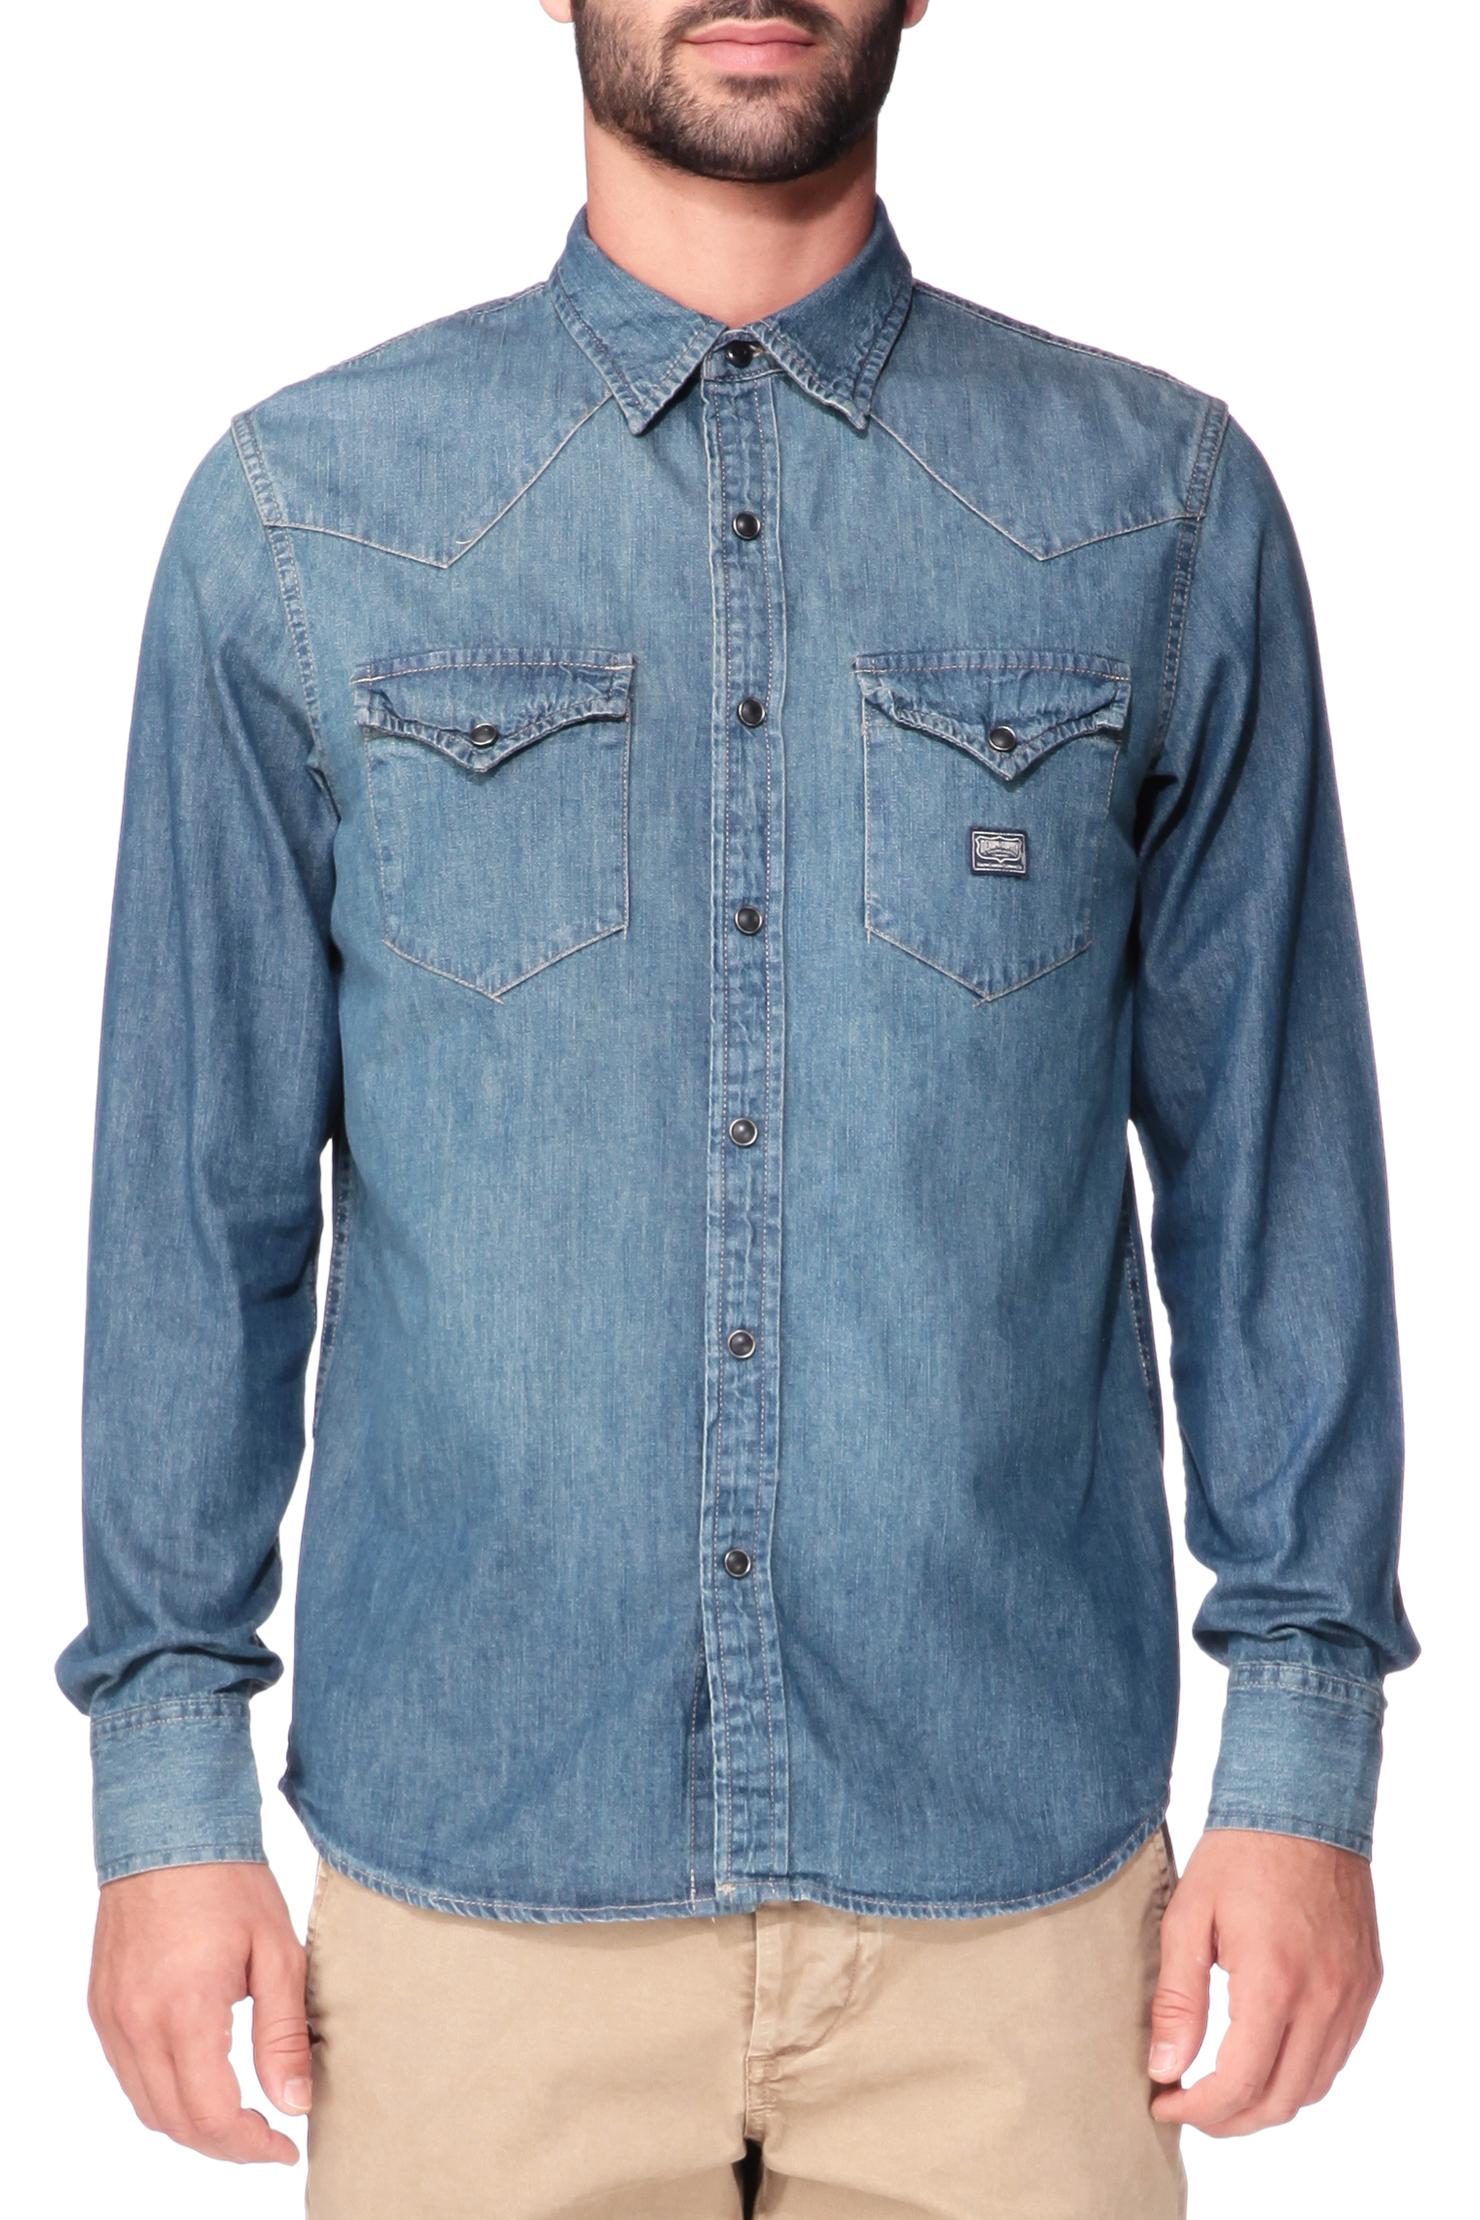 Denim Supply Ralph Lauren Long Sleeve Shirt